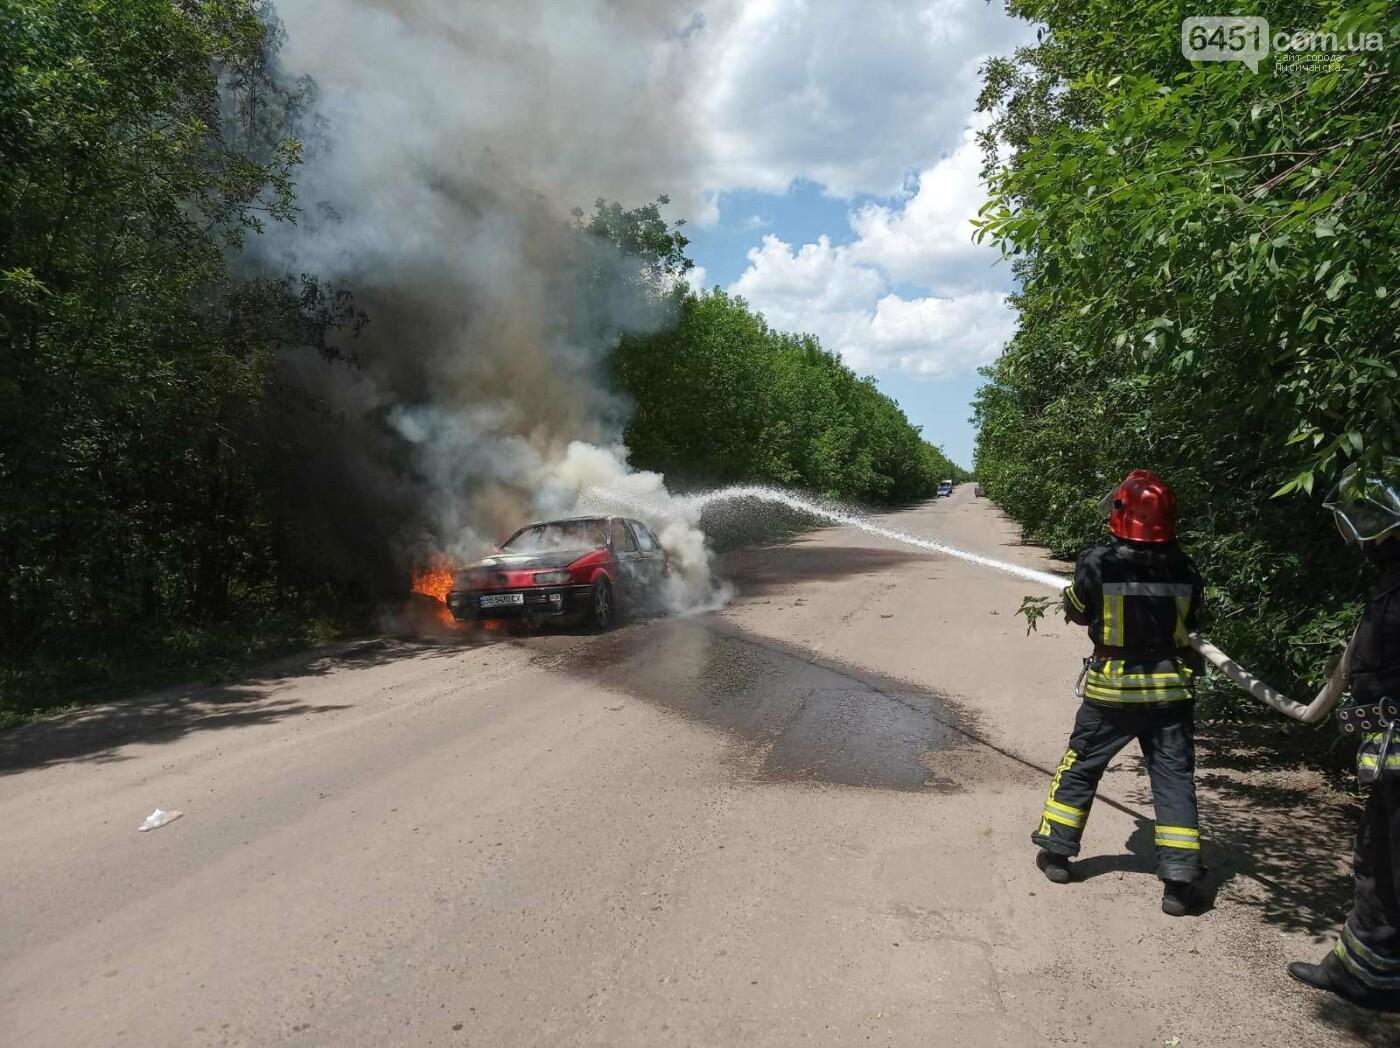 В Луганской области на дороге вспыхнул автомобиль, фото-1